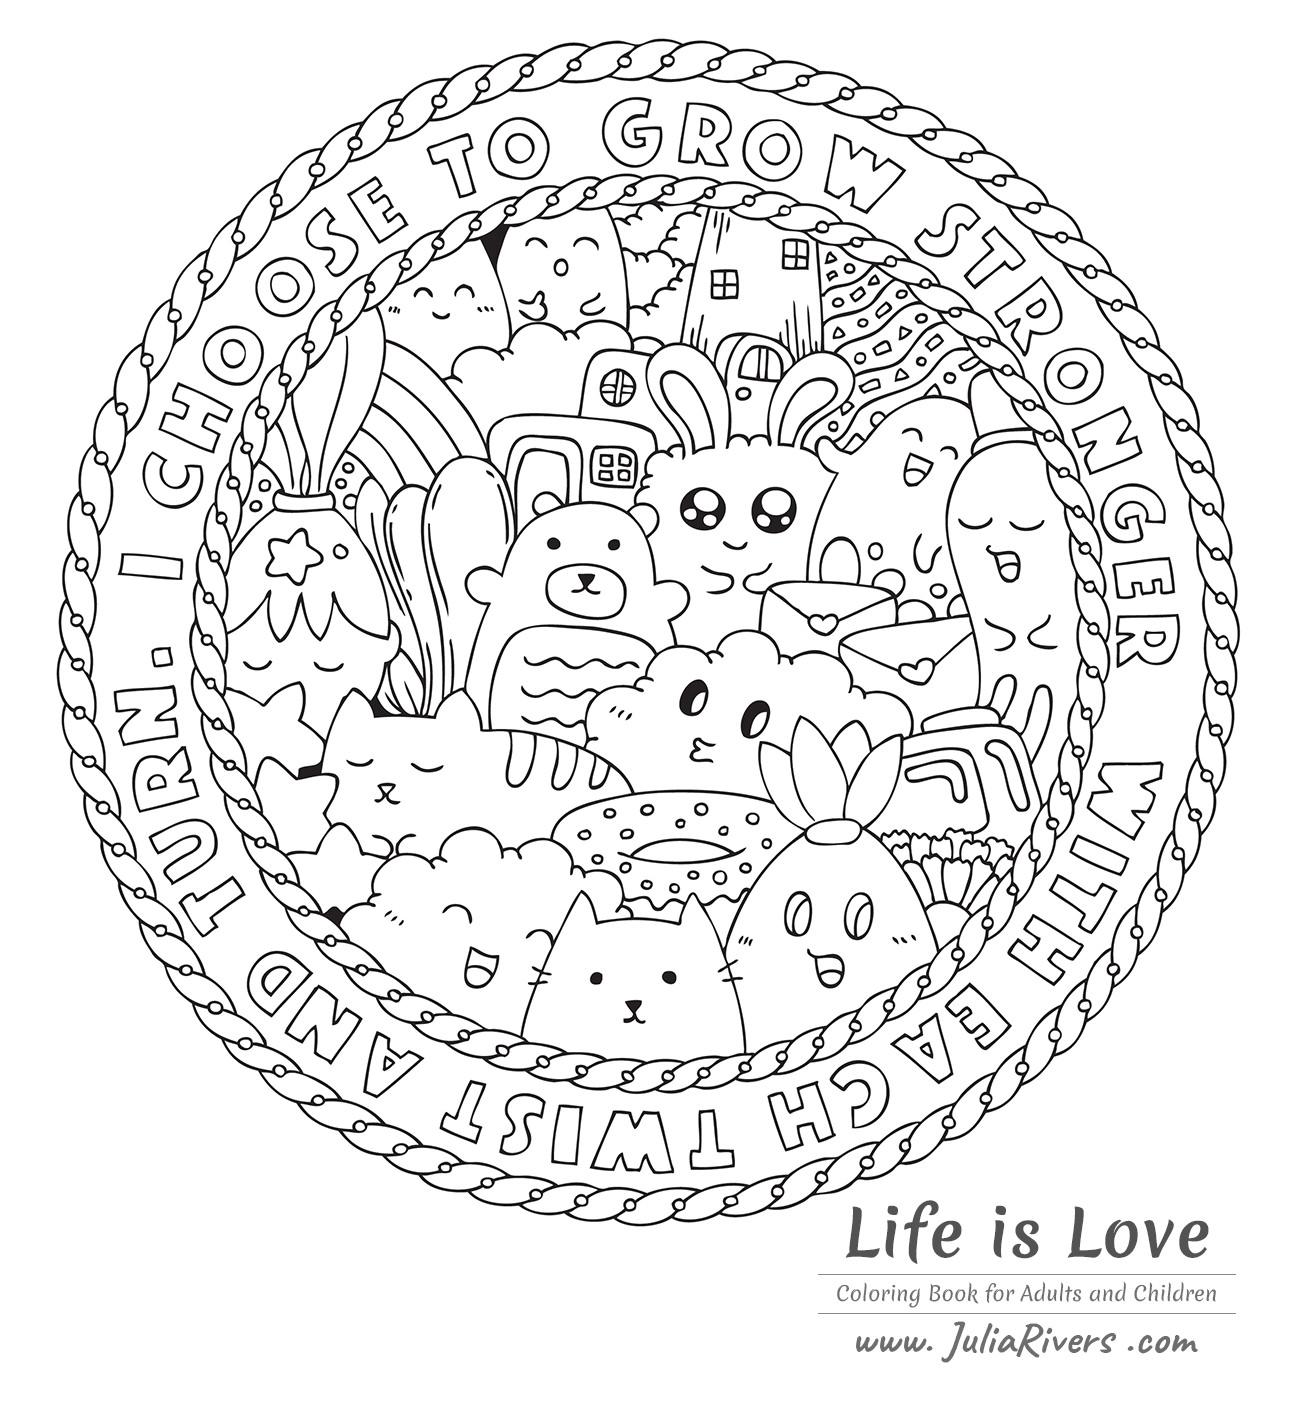 'Doodle L'amour c'est la vie' : Magnifique coloriage sous forme de Mandala, avec des créatures dessinées avec le style Kawaii, et même un Donut !